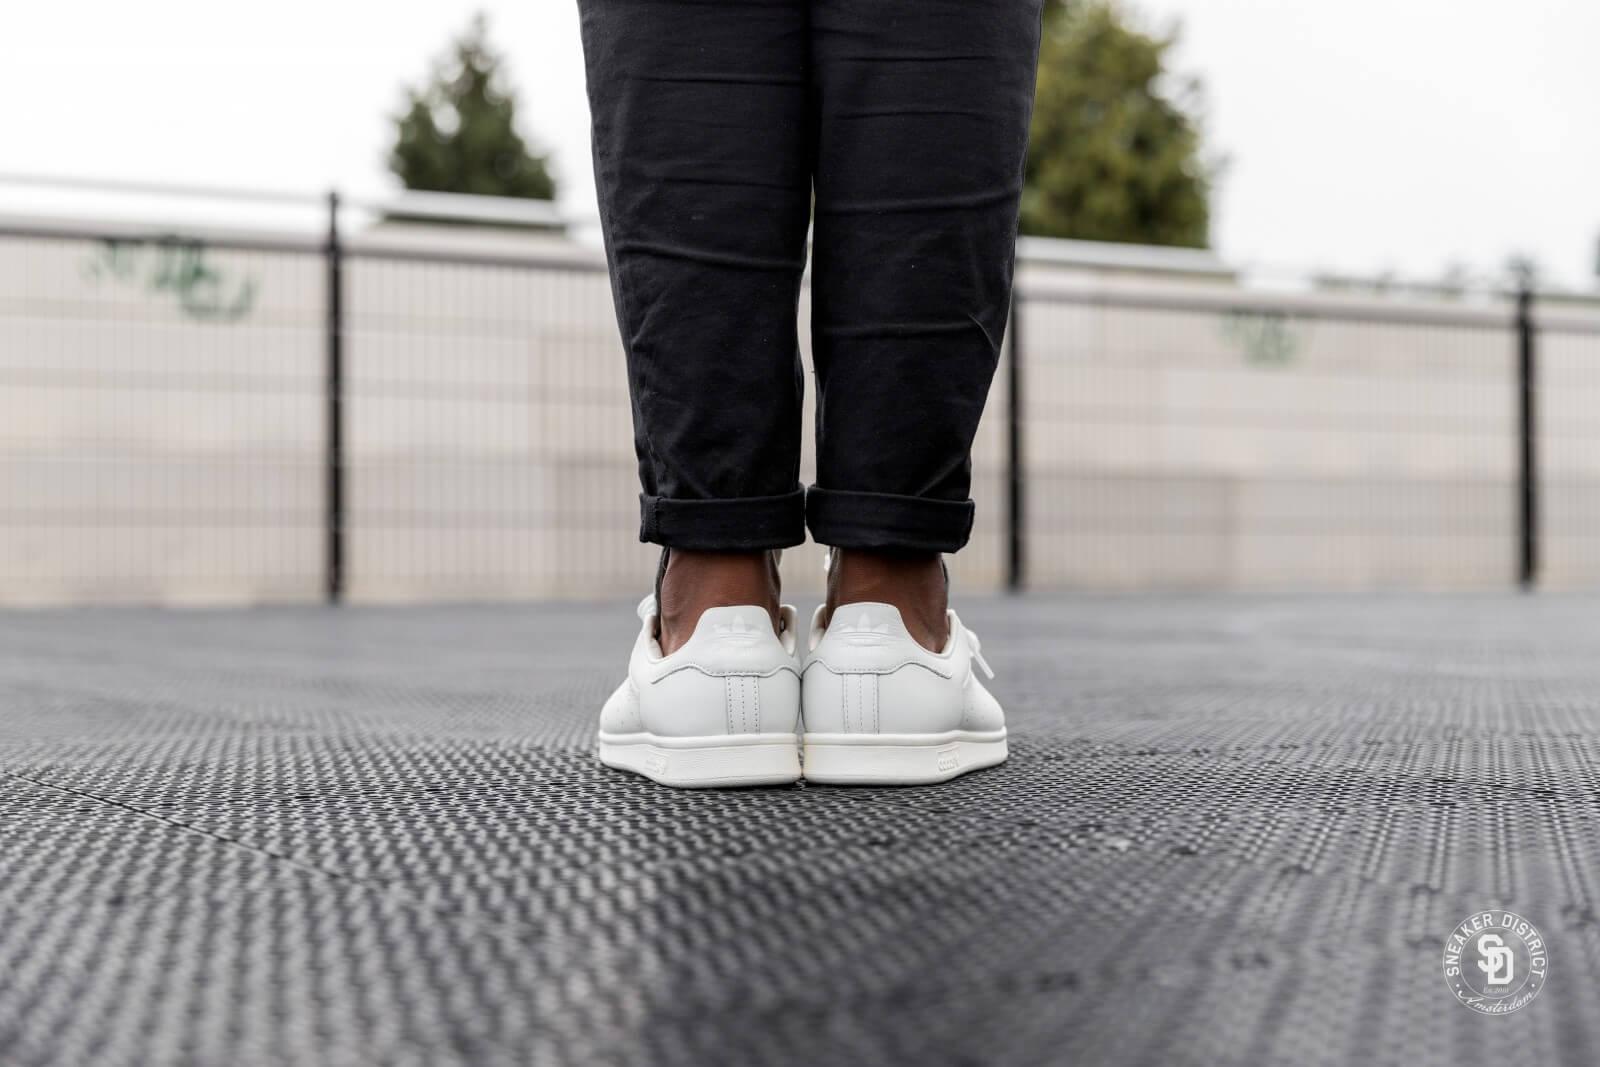 Adidas Stan Smith Premium White Tint